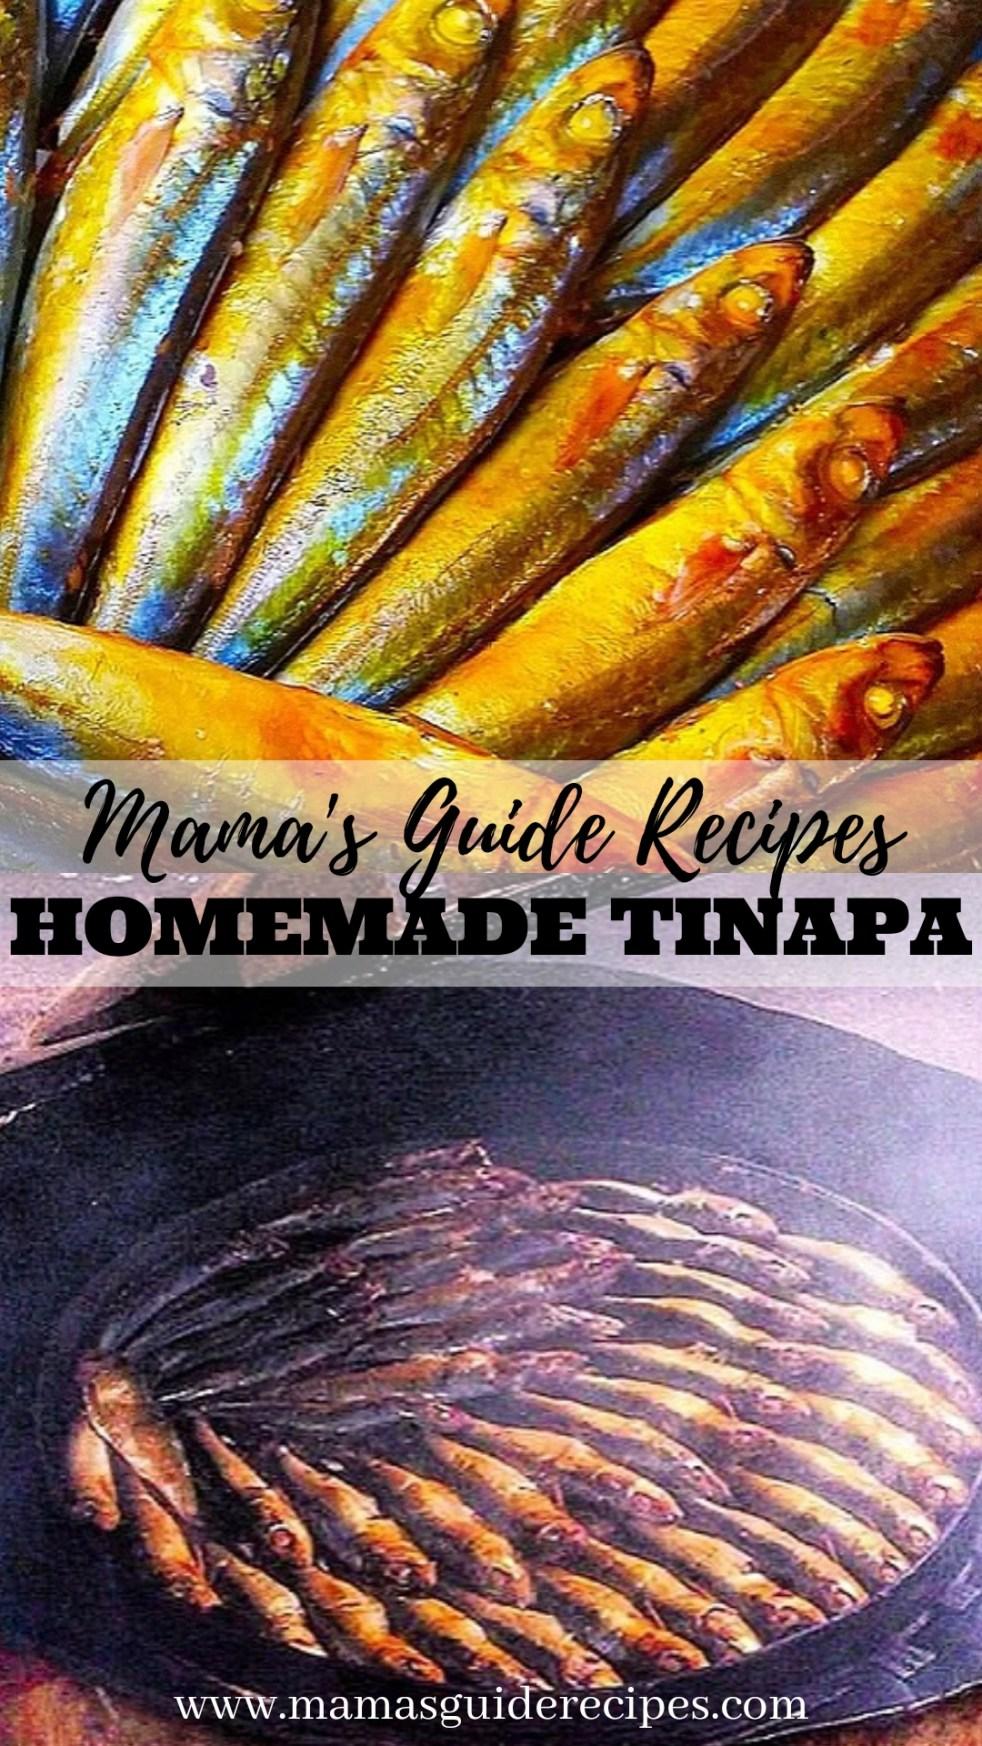 HOMEMADE TINAPA